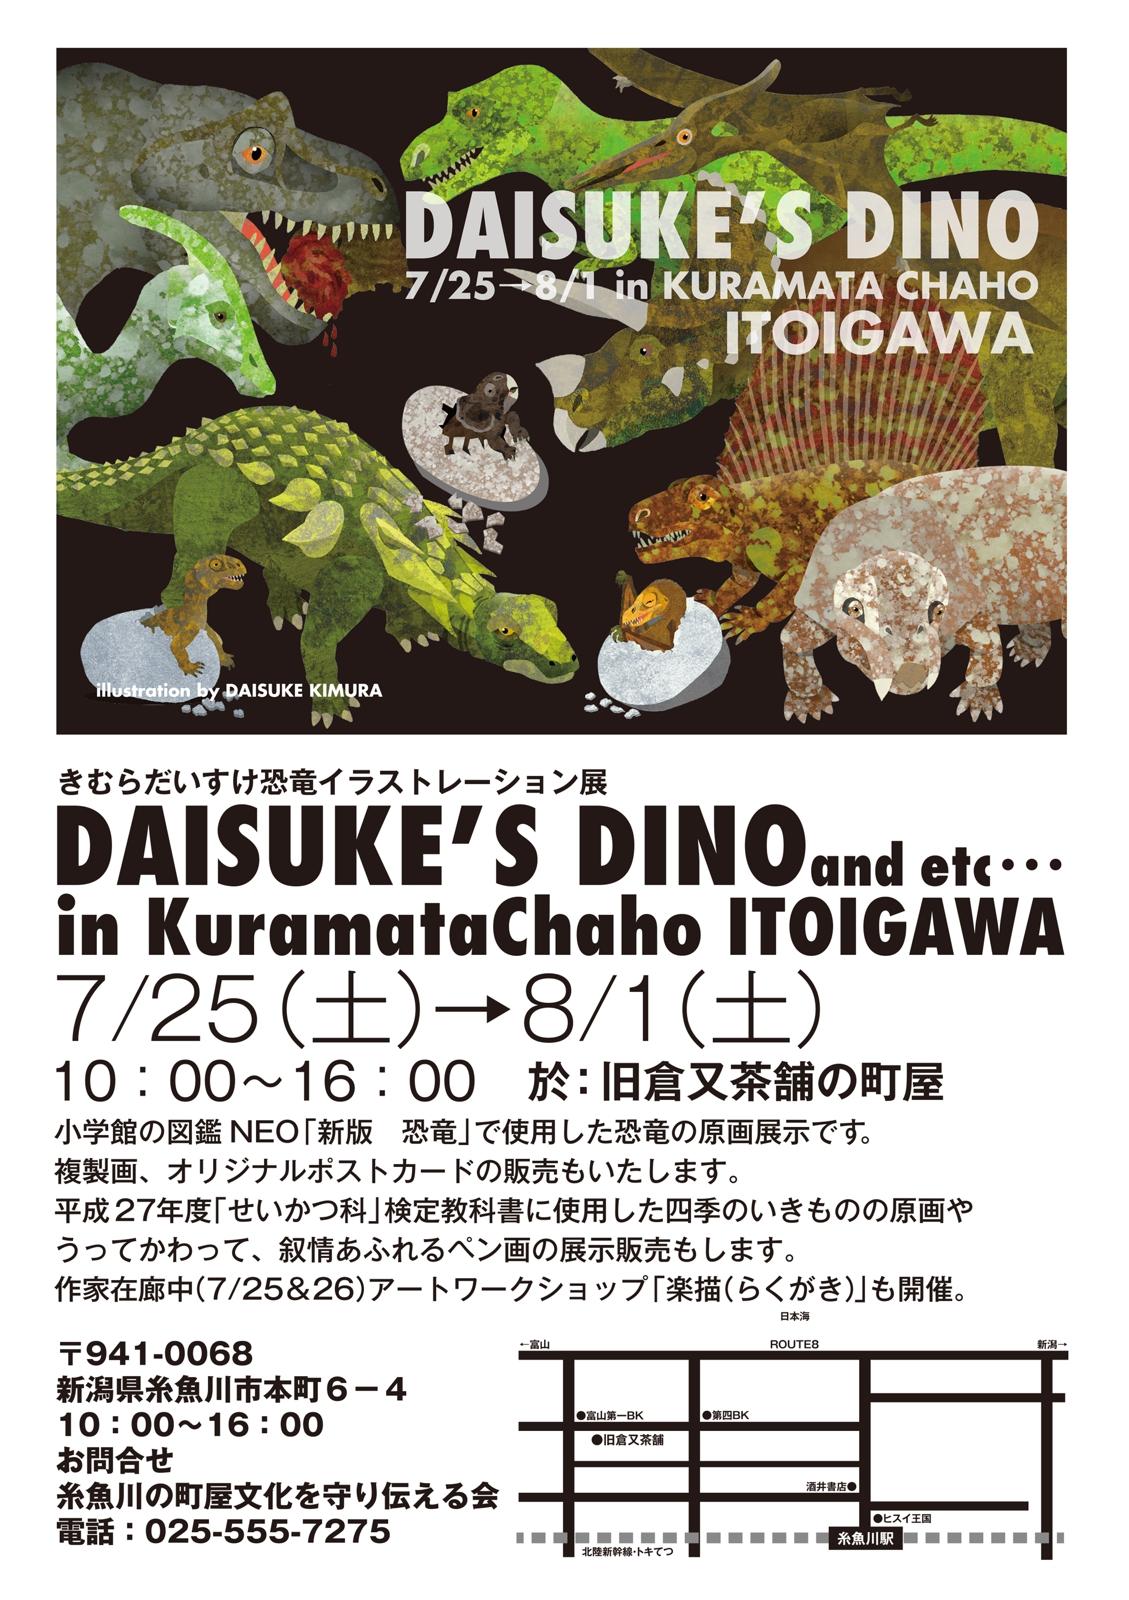 7/25-8/1 きむらだいすけ恐竜イラストレーション展